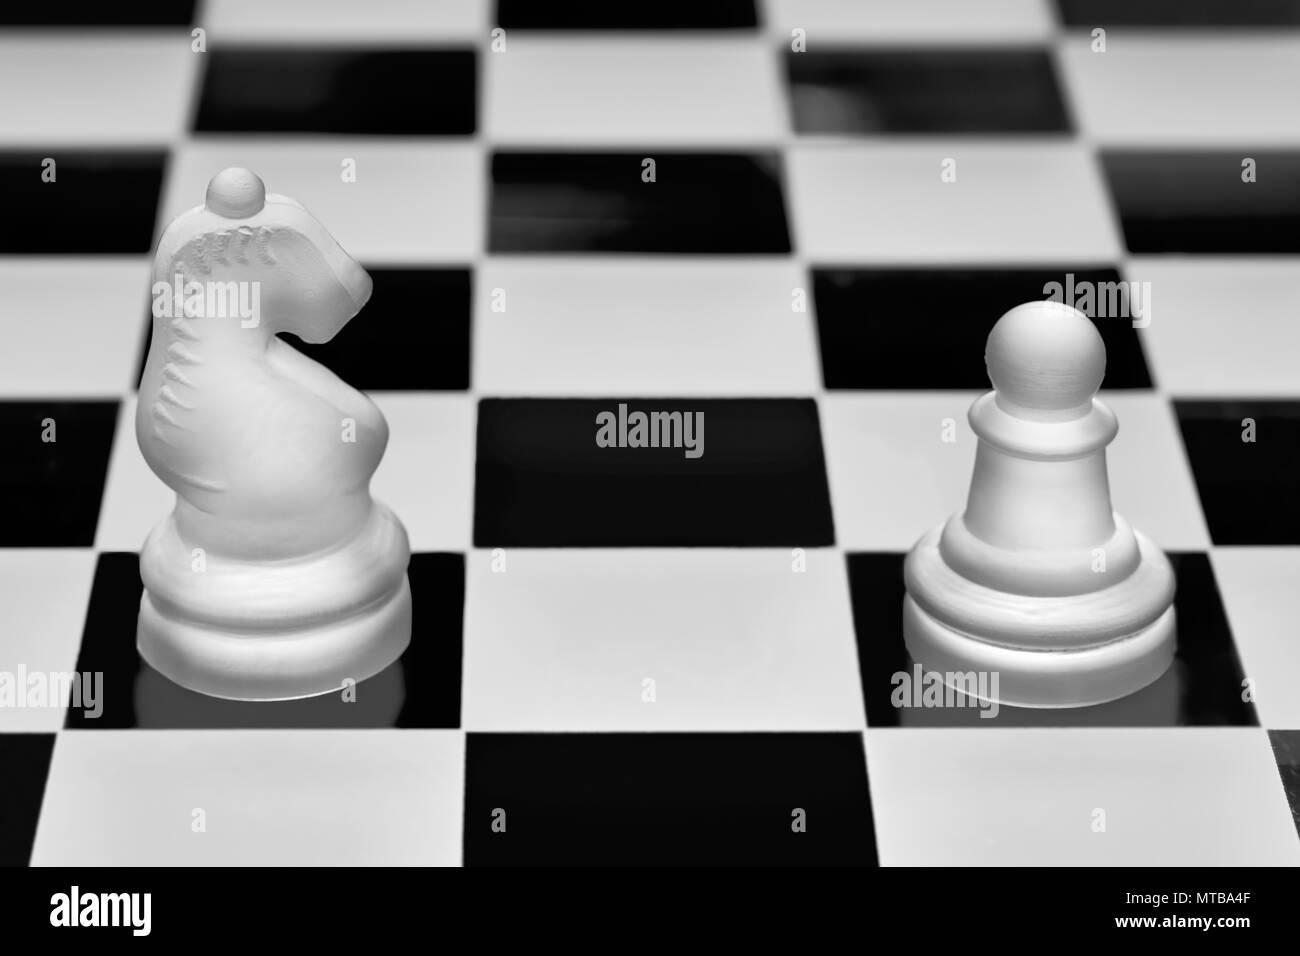 Schach Spiel Stücke. Der Ritter und Bauern Gegeneinander. Konzept der Opposition und Konfrontation. Stockbild